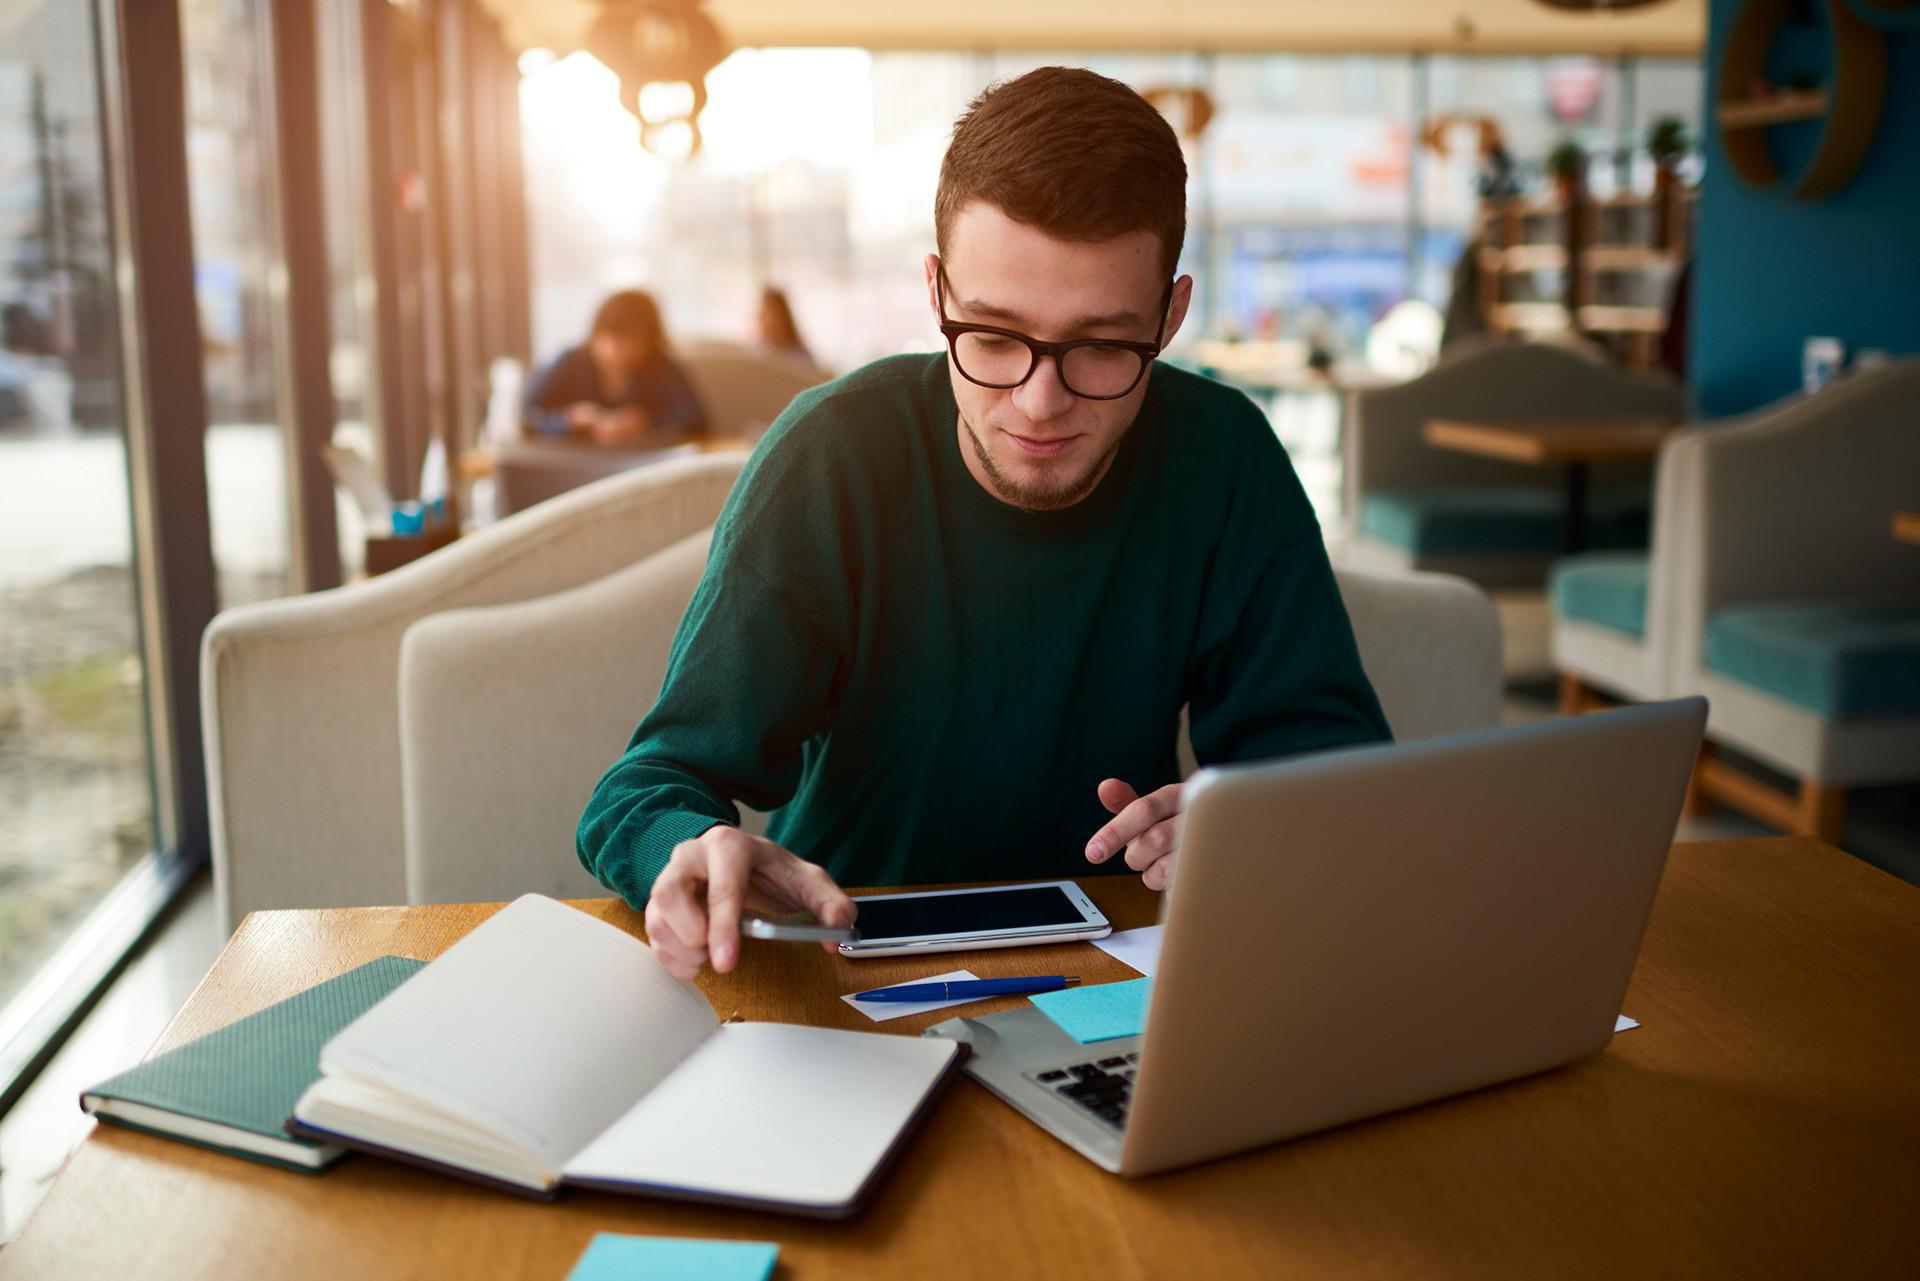 freelance it writer